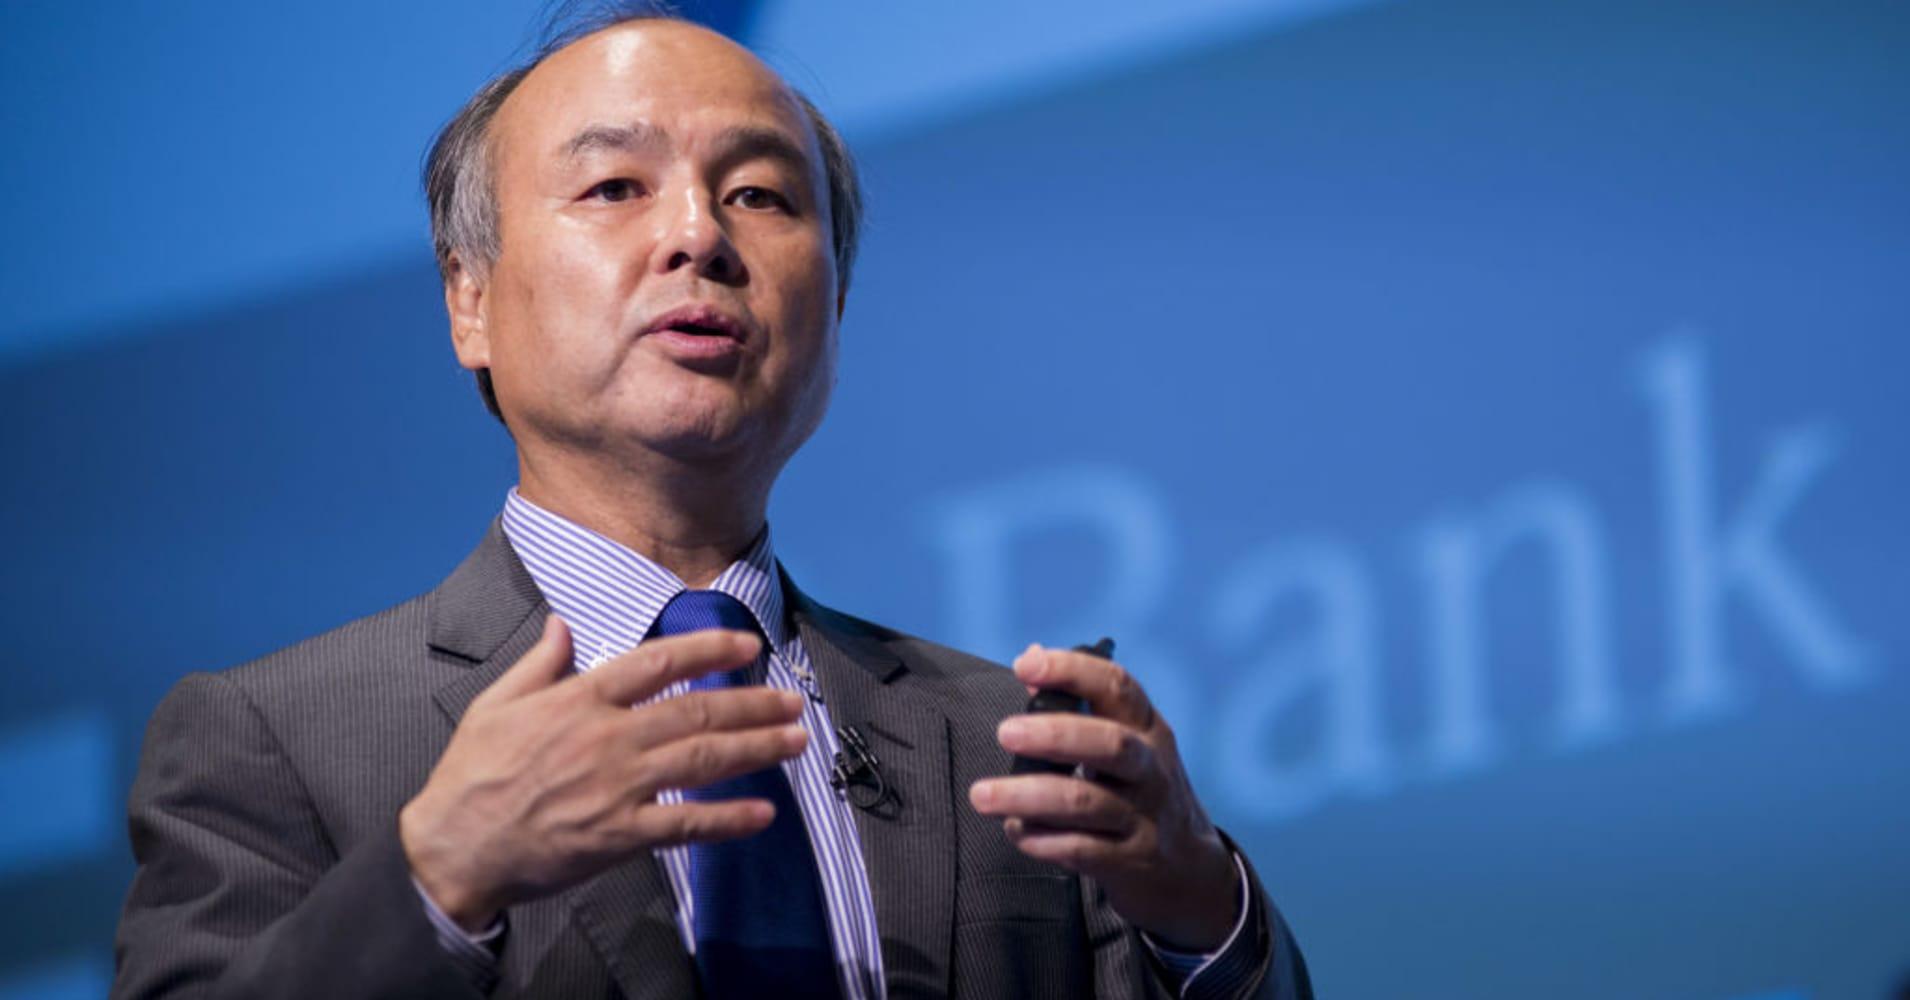 Meet the man behind $126 billion worth of deals